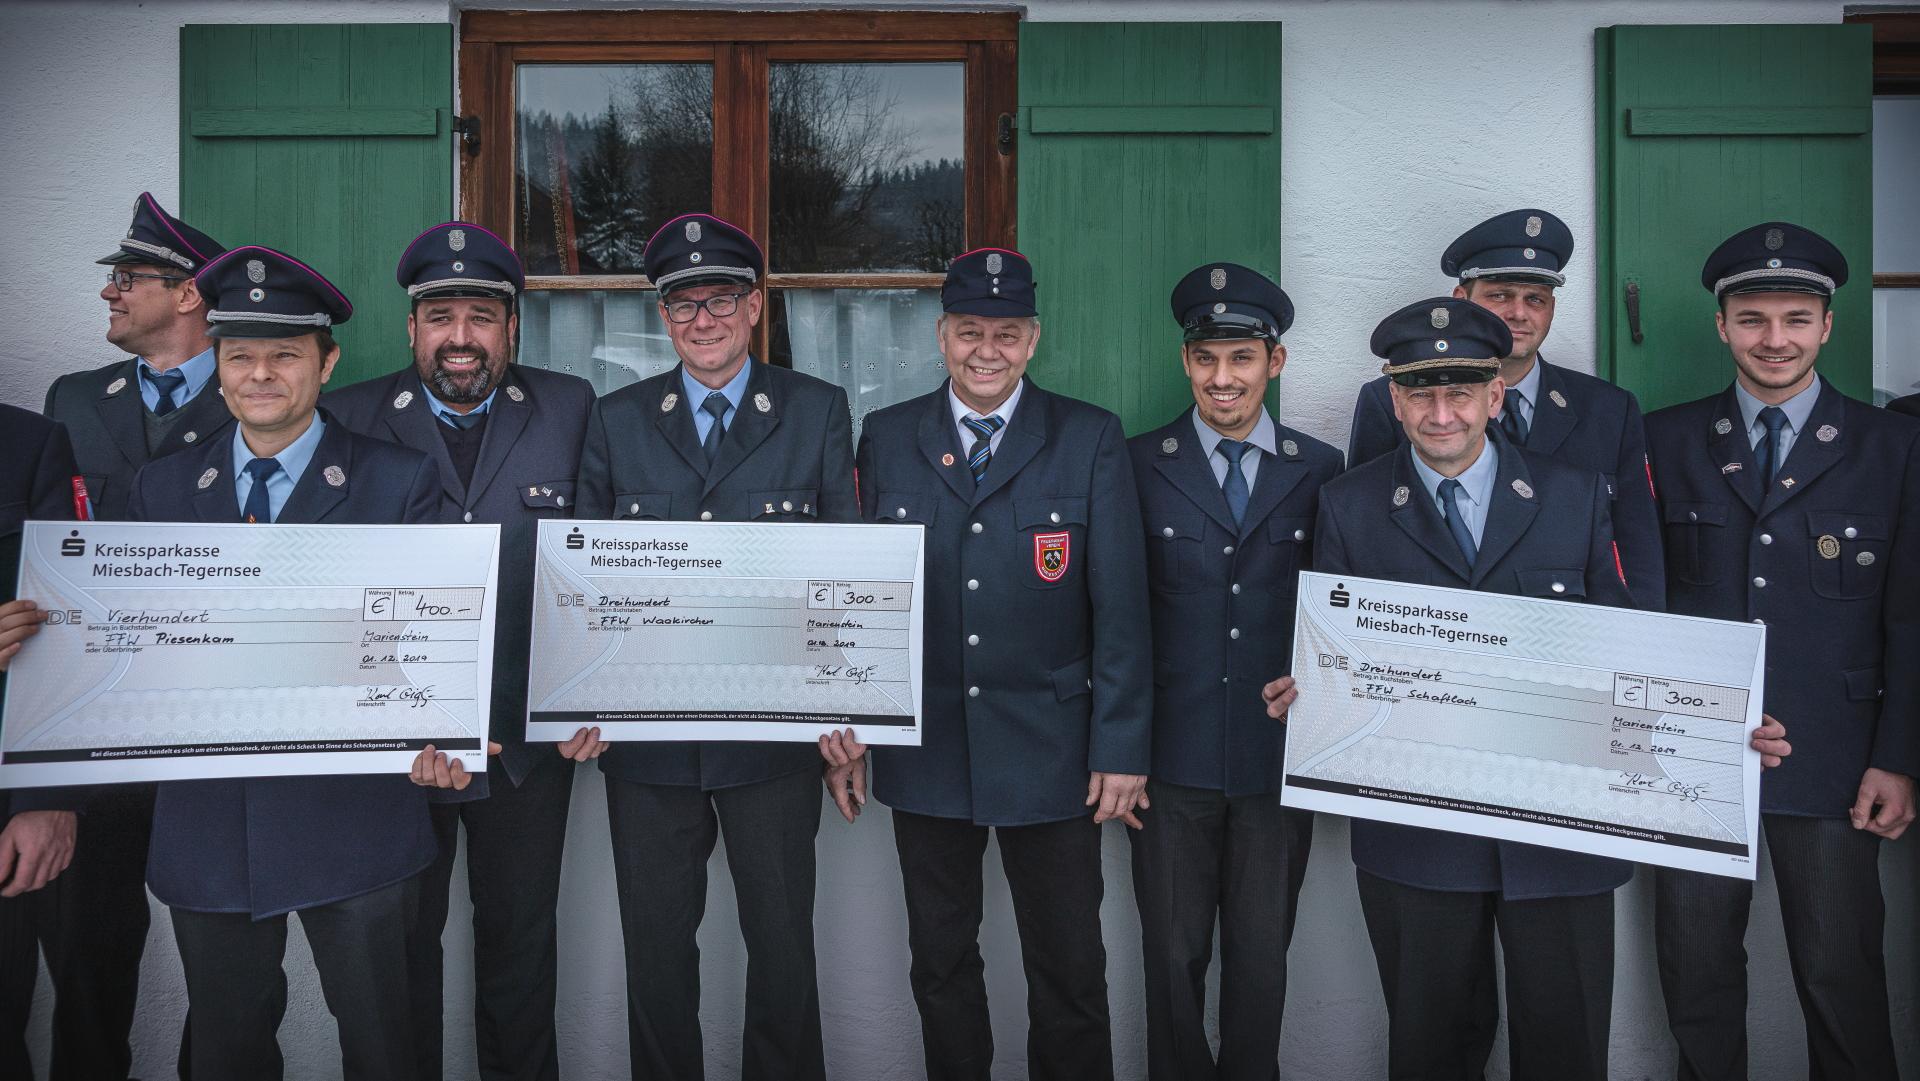 Spendenübergabe Feuerwehrverein Marienstein am 1. Dezember 2019